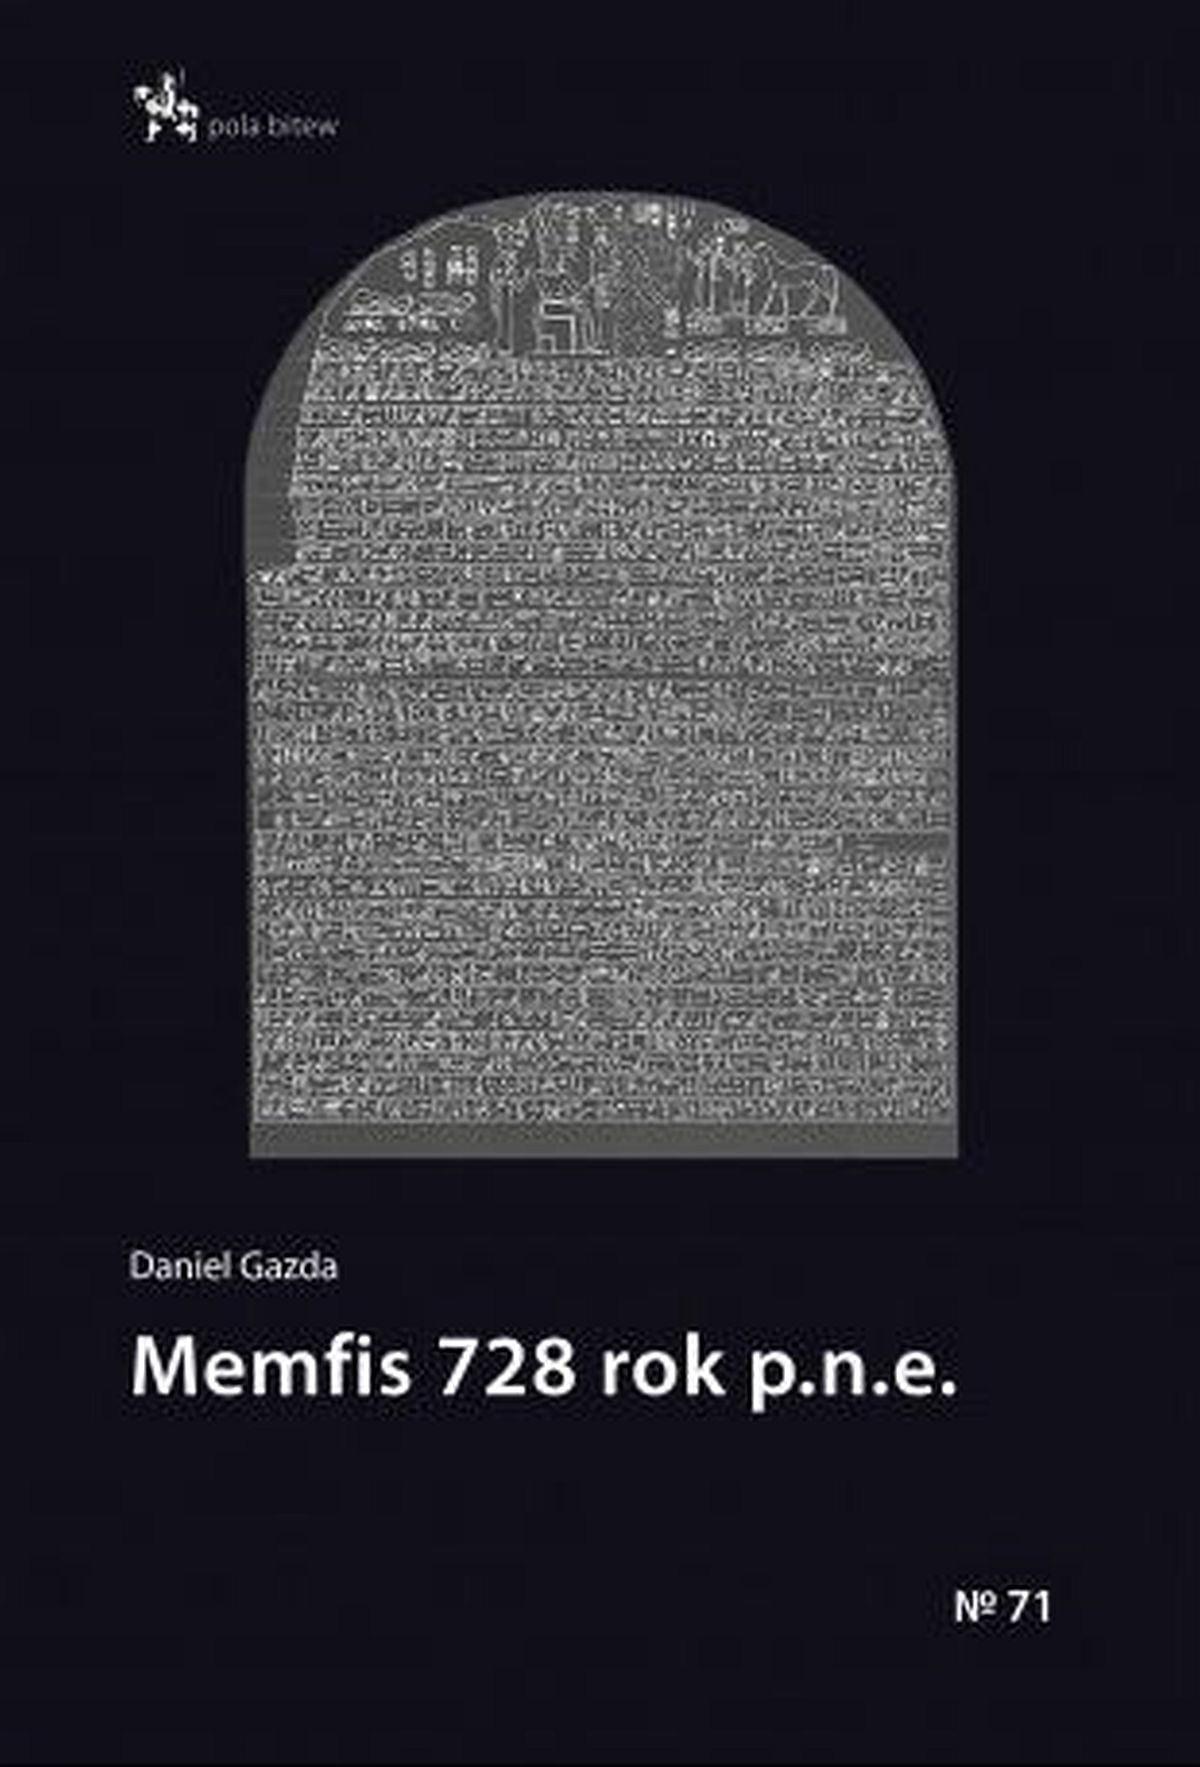 Memfis 728 rok p.n.e.